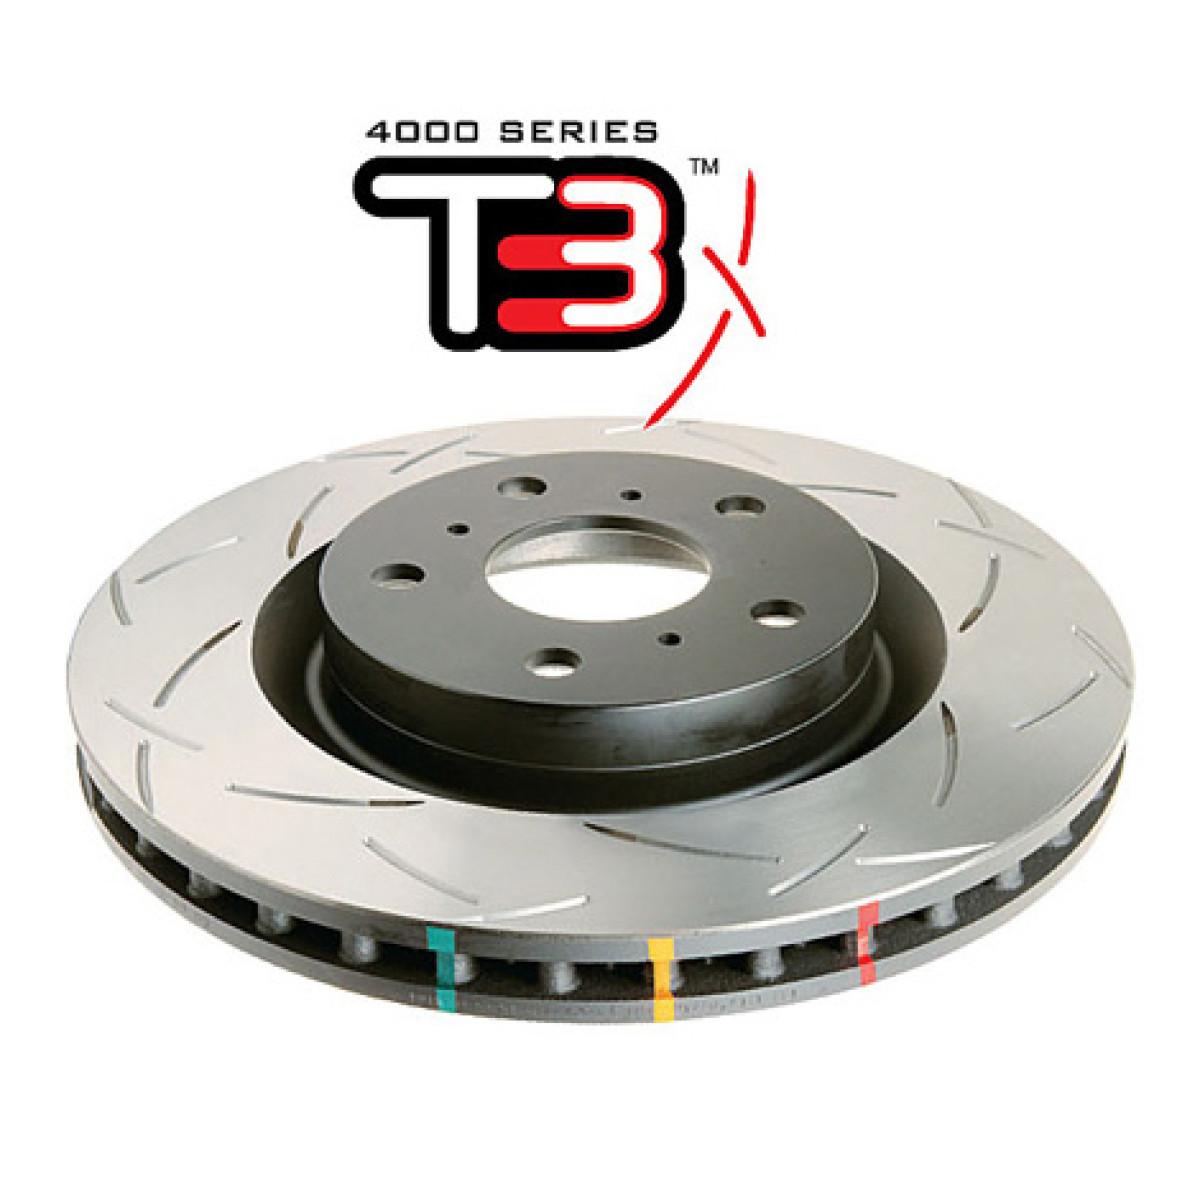 Тормозной диск DBA Toyota LC200 2016 4000 series